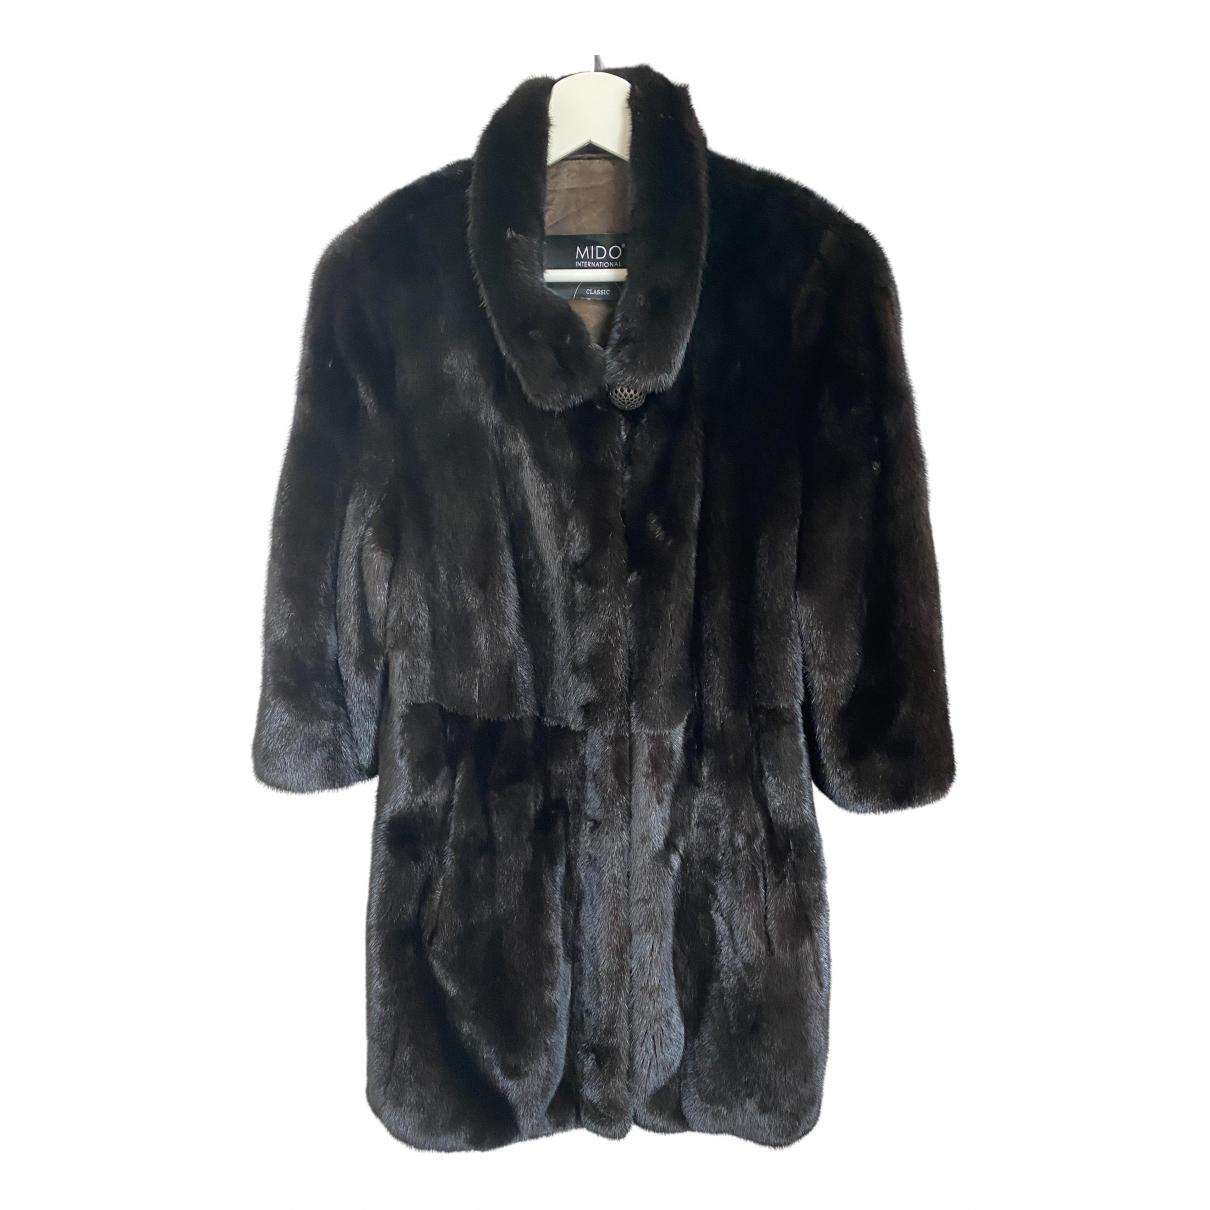 Mido - Manteau   pour femme en castor - marron